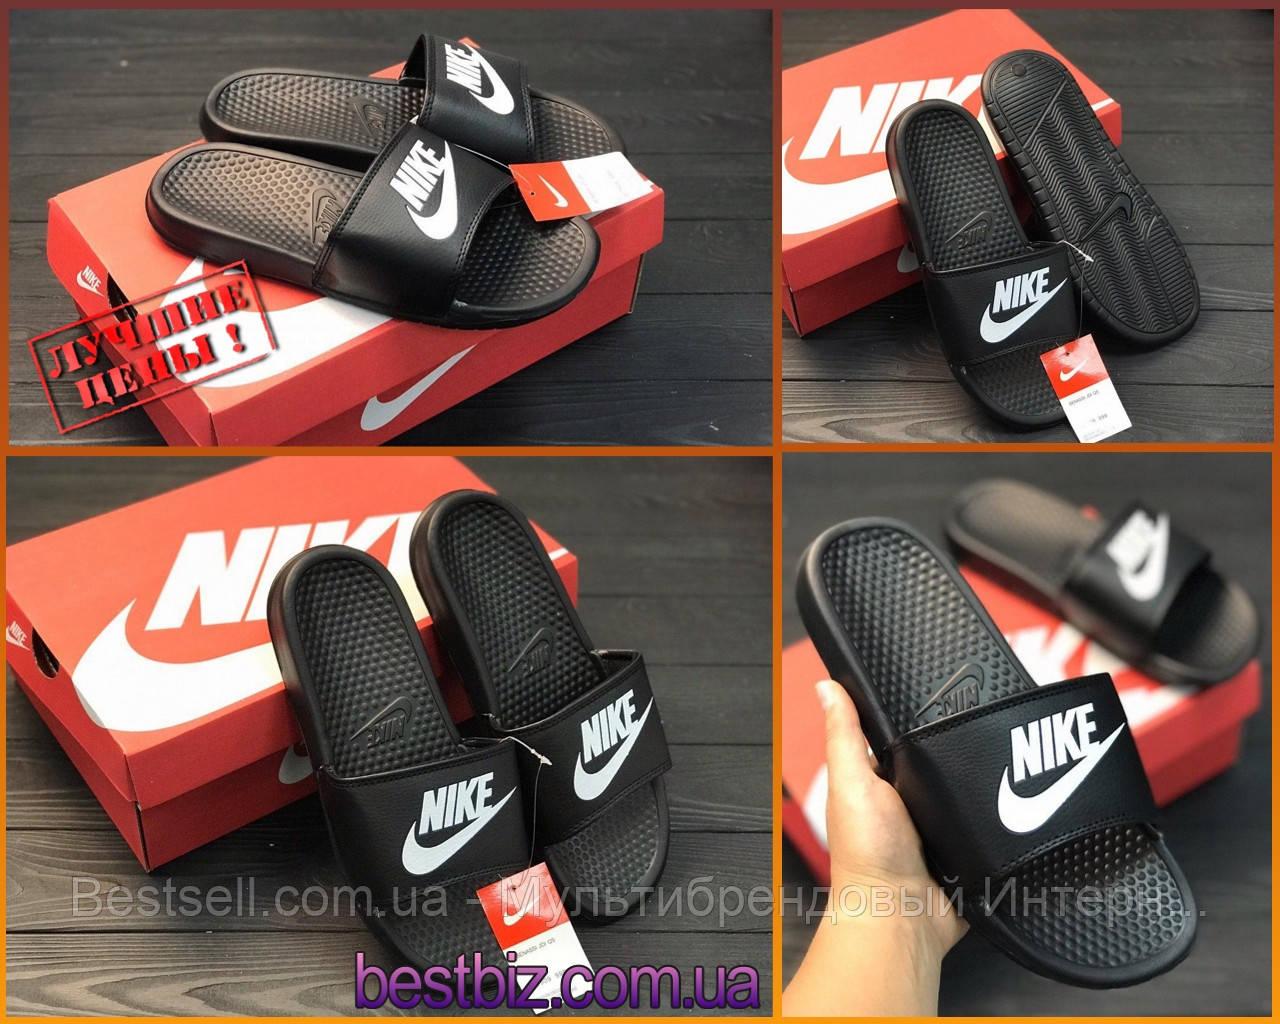 Шлепанцы мужские черные Nike / Сланцы Nike(шлепки,шлепанцы) ( 40 последний размер )